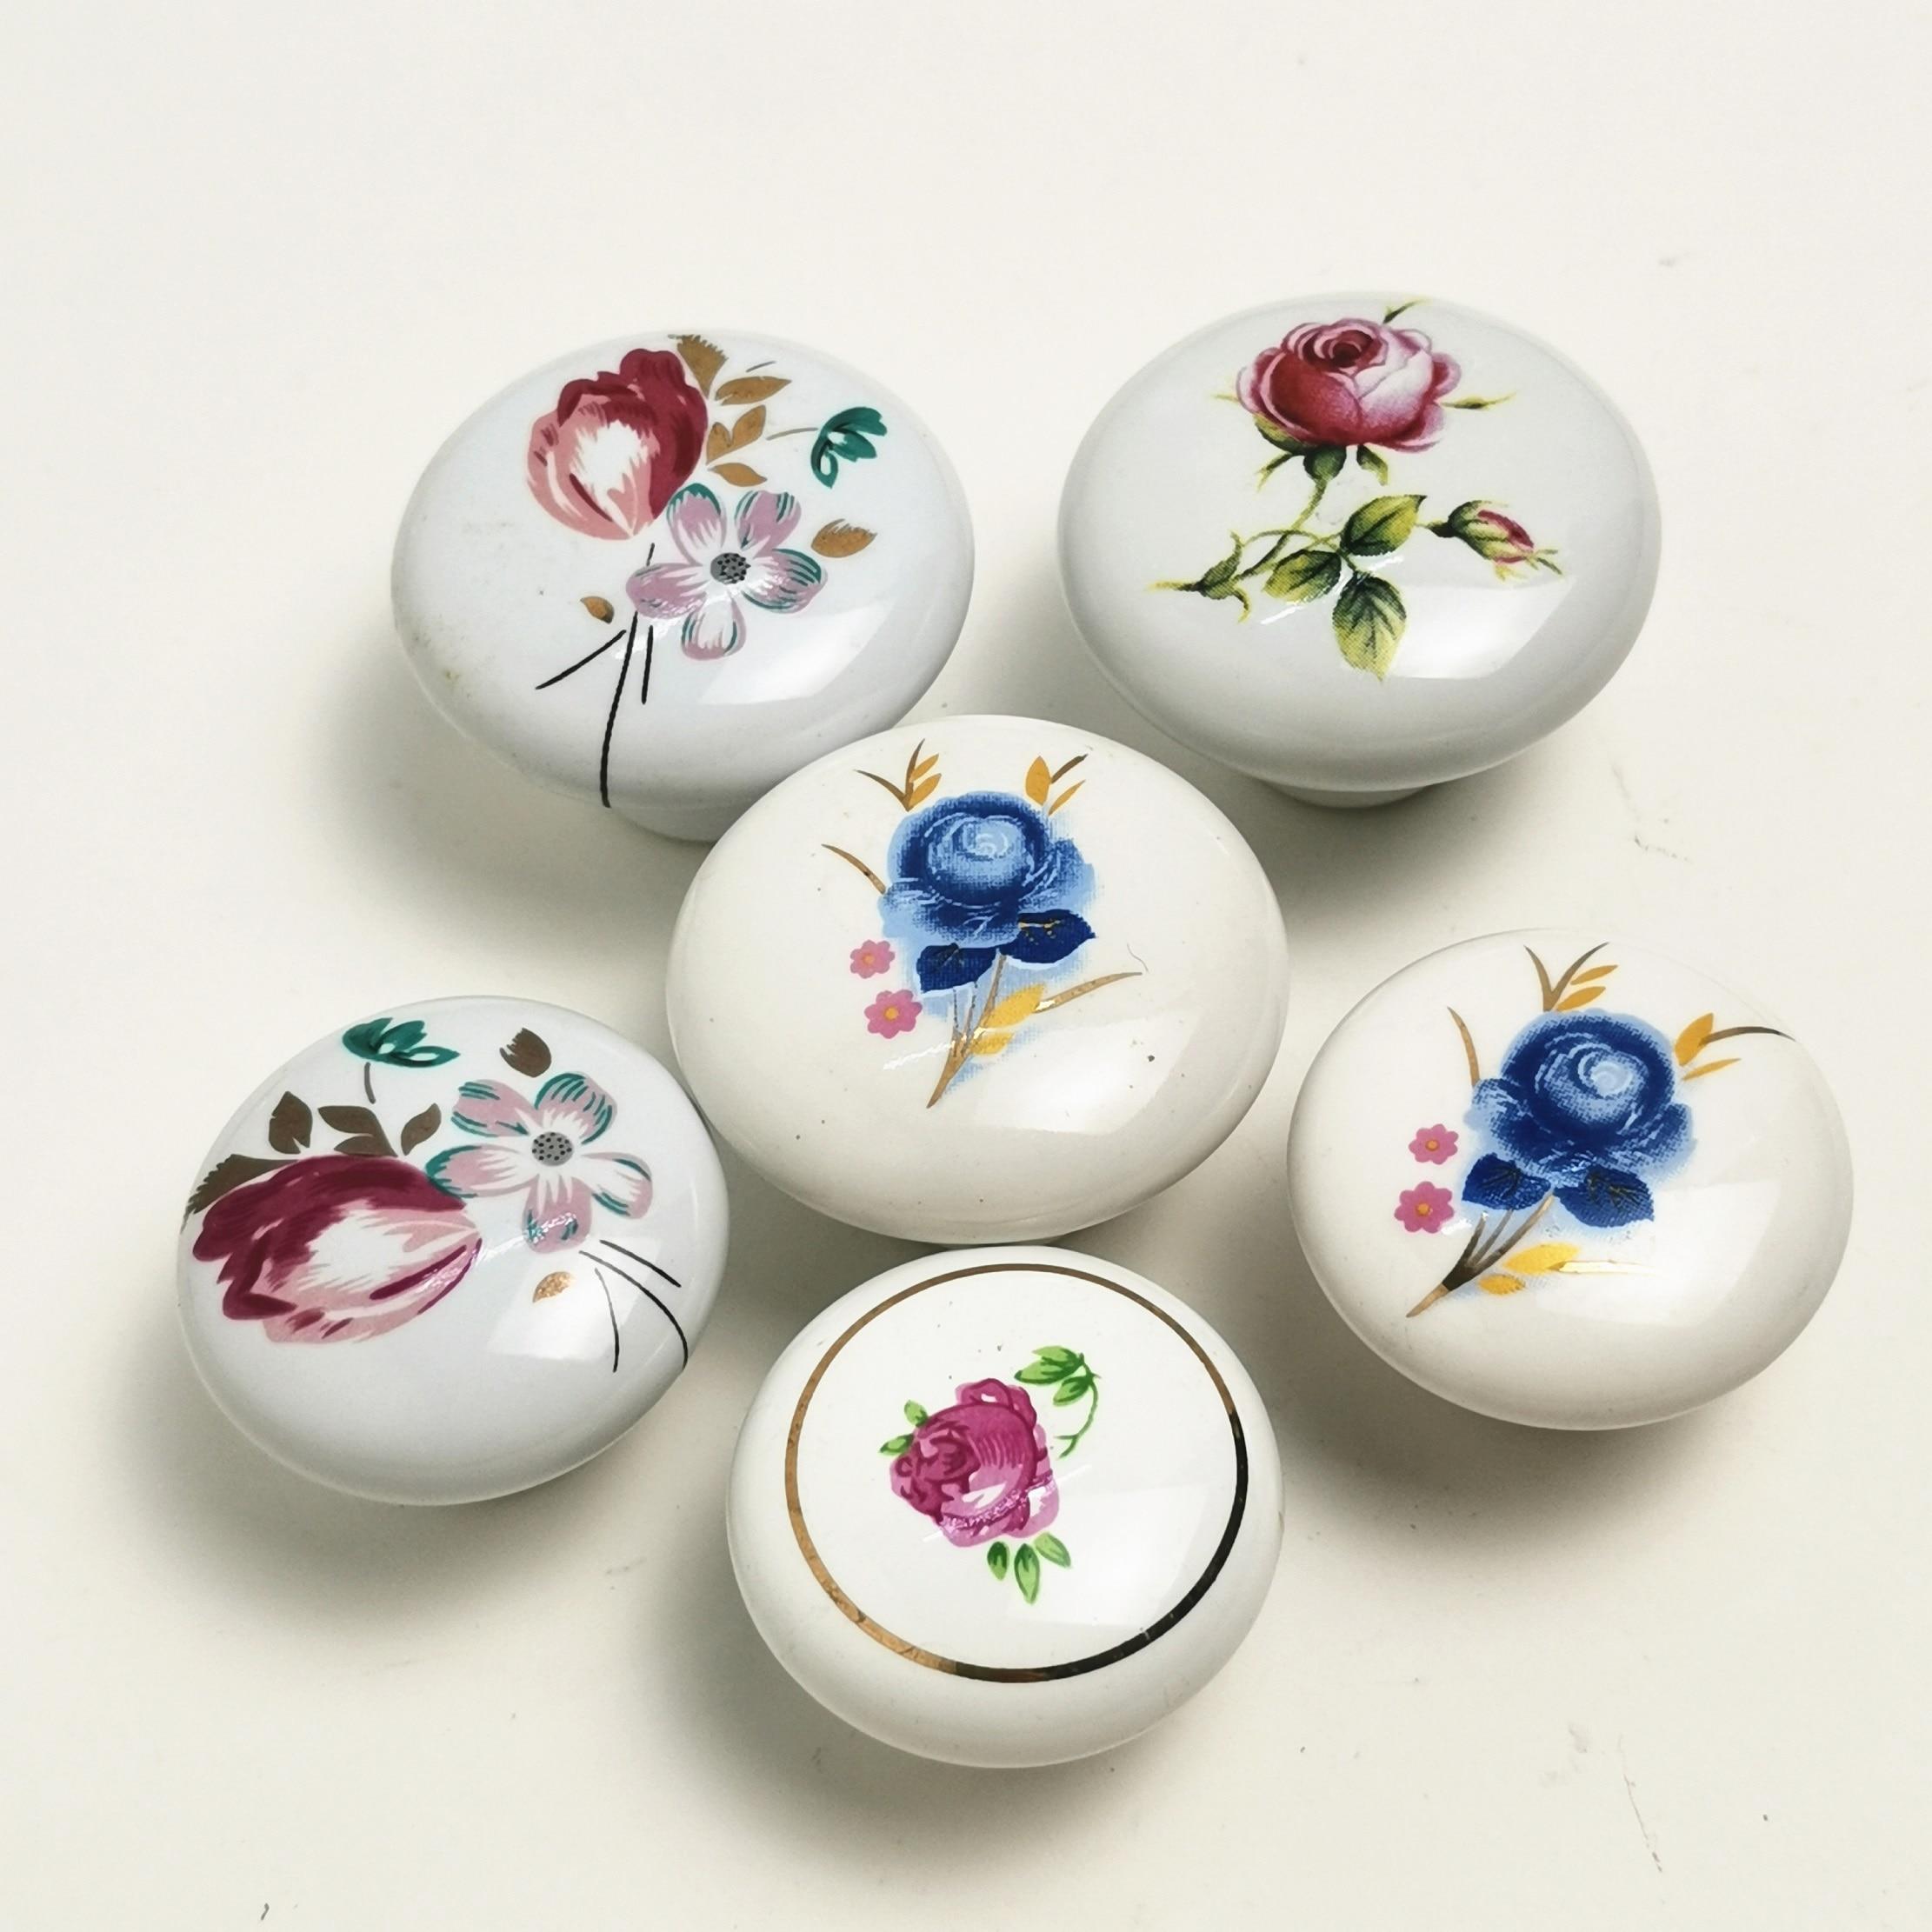 White Children Room Ceramic Single Round Wardrobe Kitchen Garden Door Handle Cabinet Handle Cartoon Furniture Handles Knobs